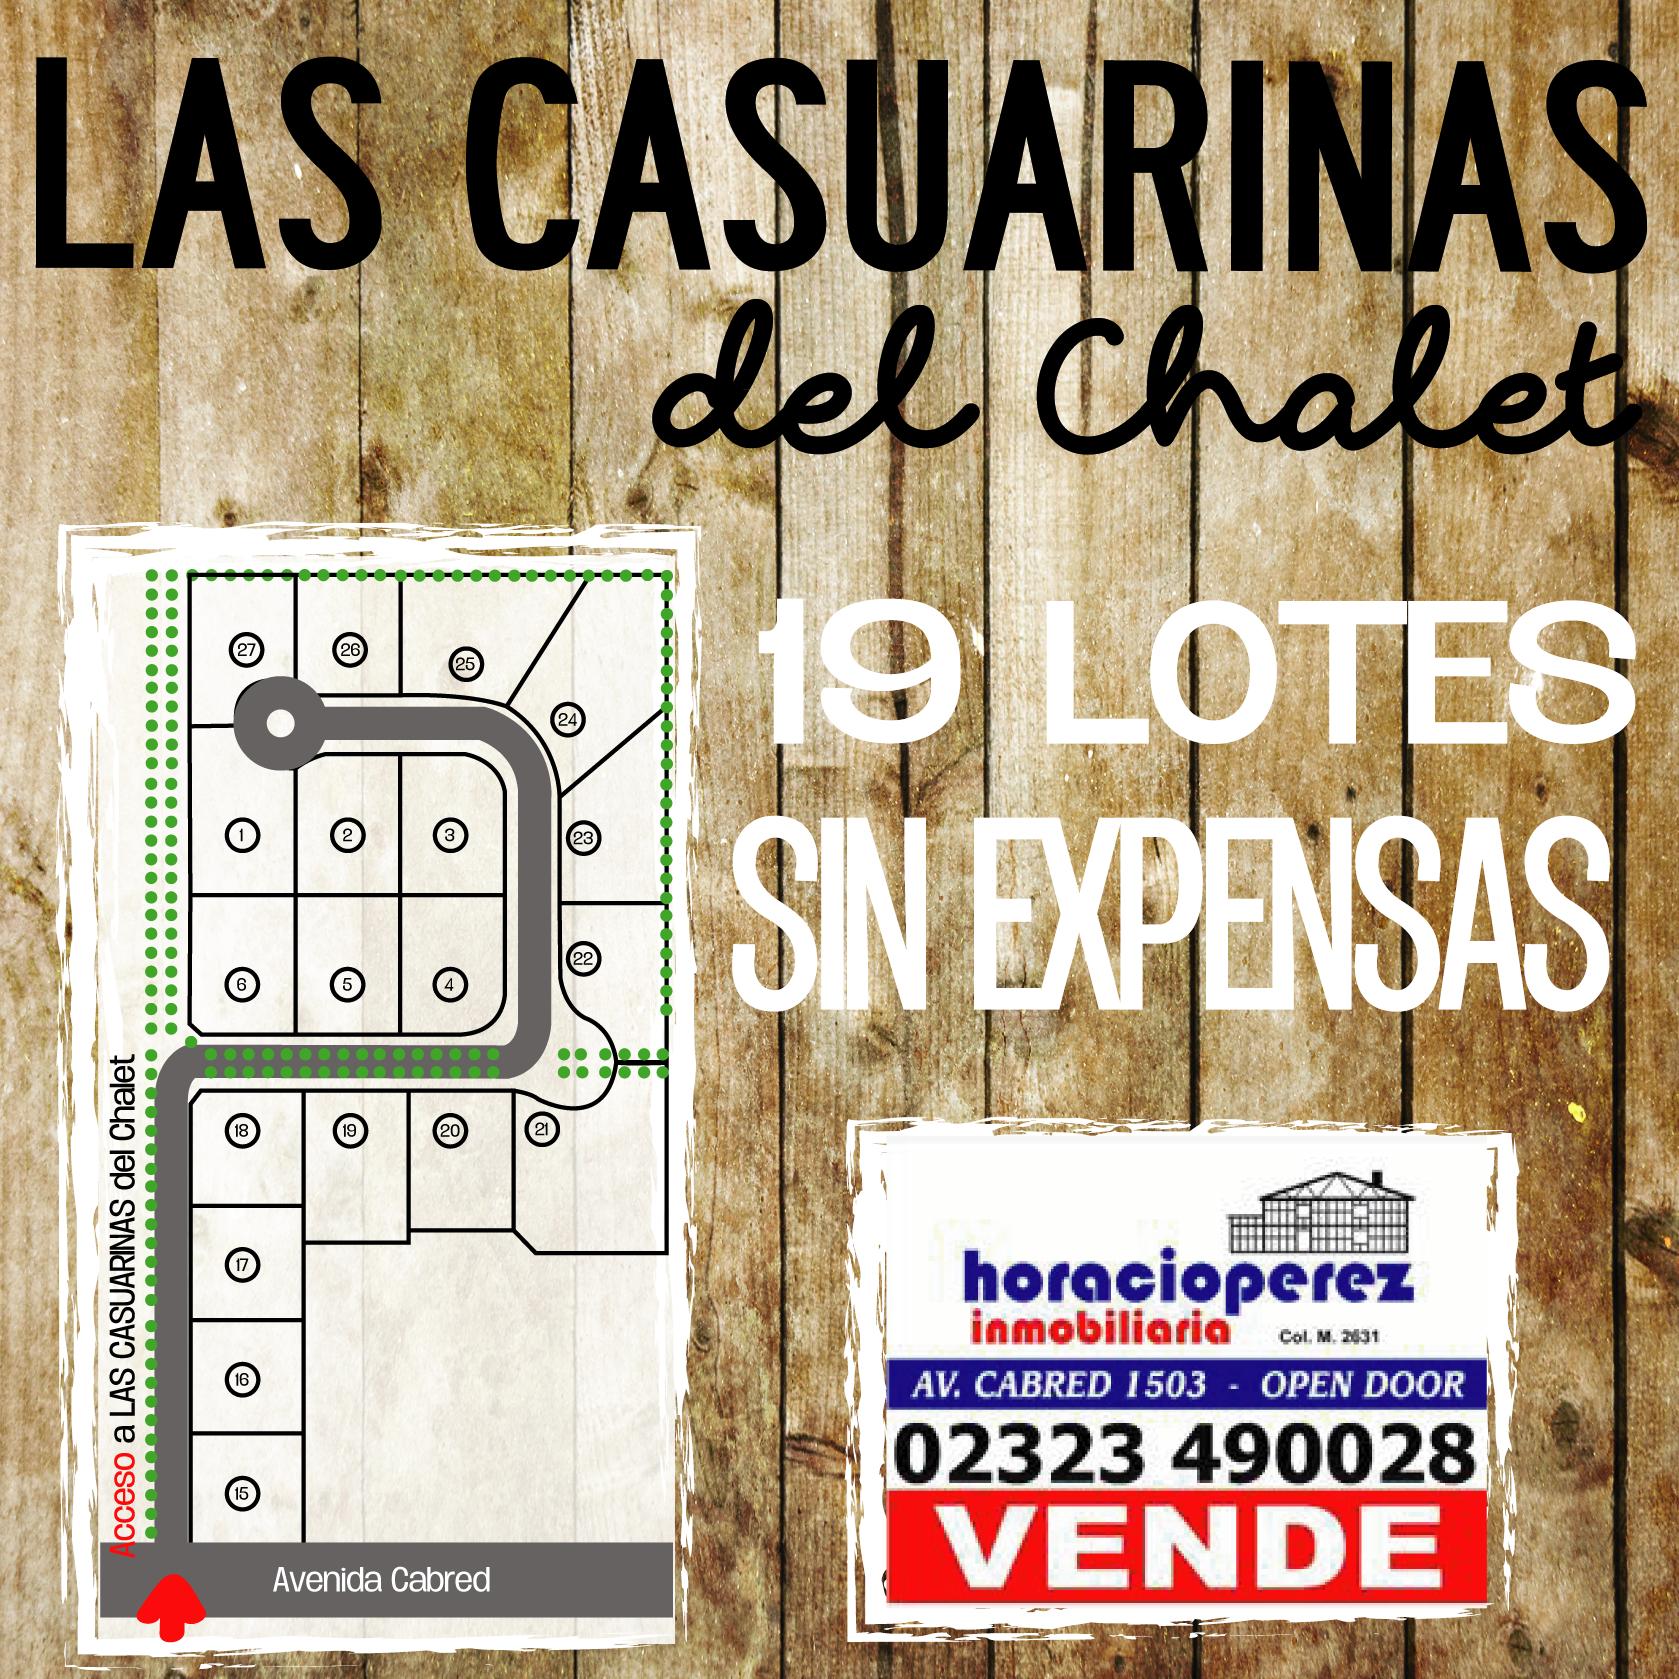 Foto Terreno en Venta |  en  Open Door,  Lujan  Las Casuarinas del Chalet